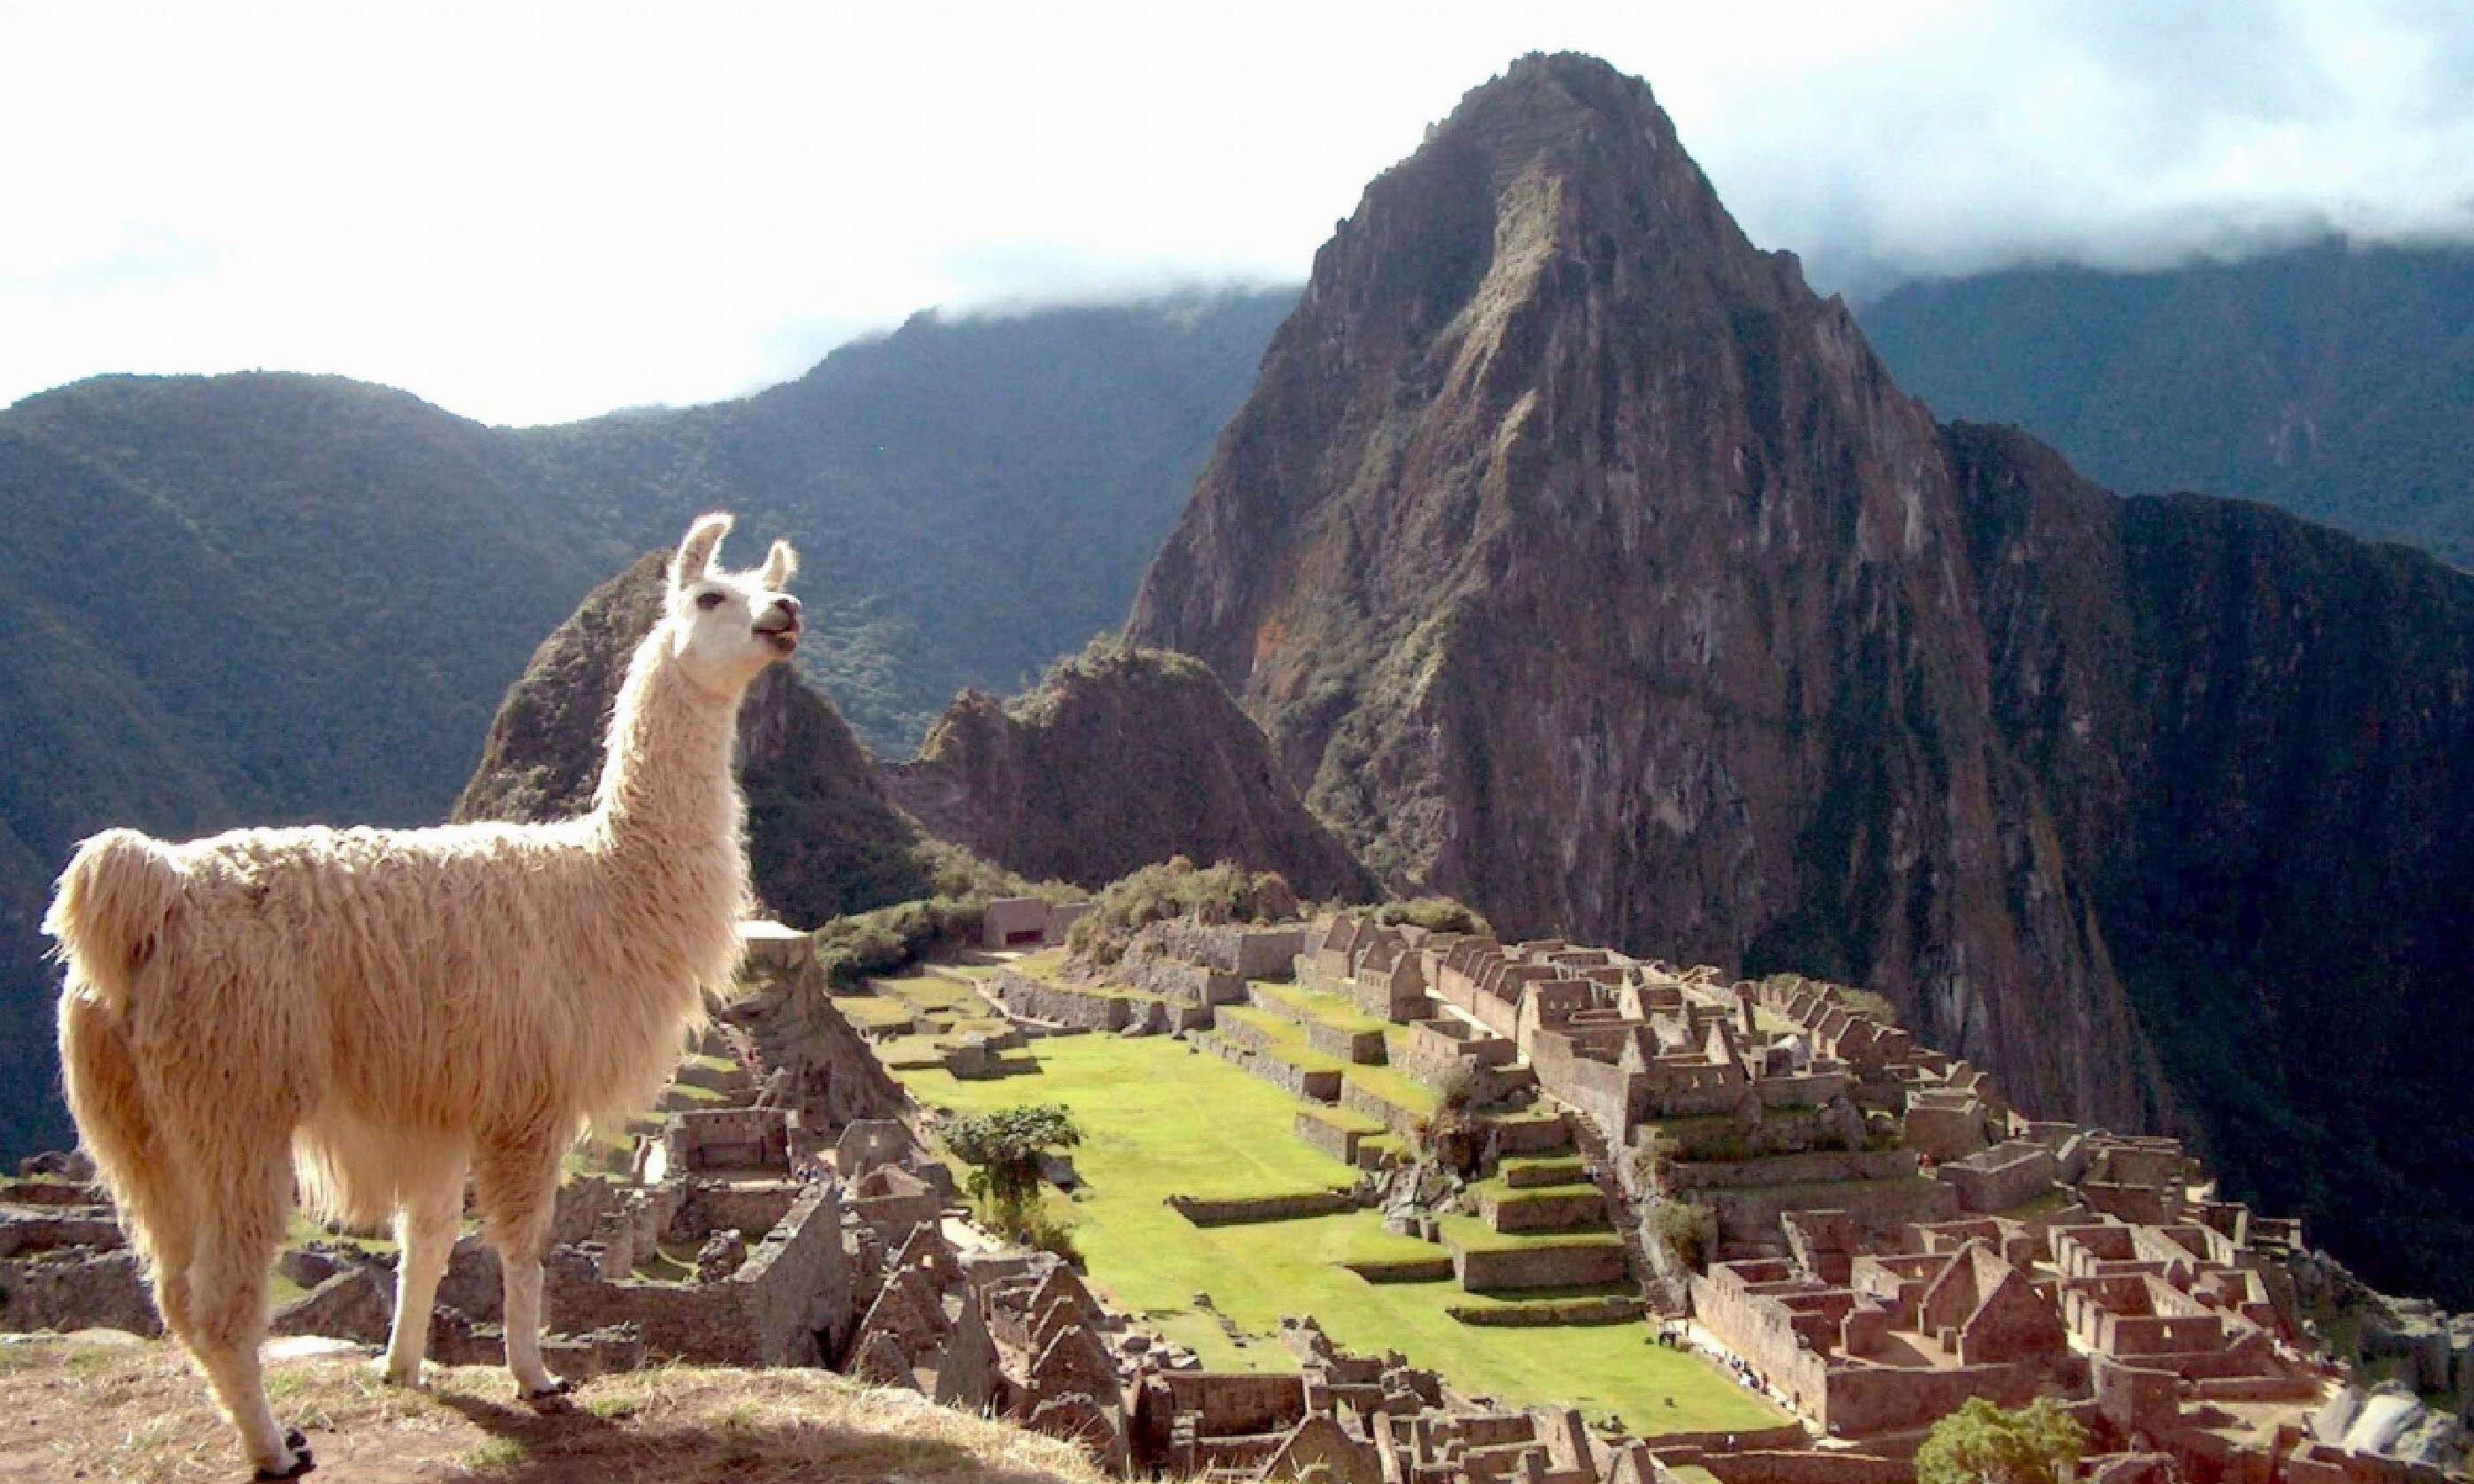 Llama at Machu Picchu (Shutterstock)